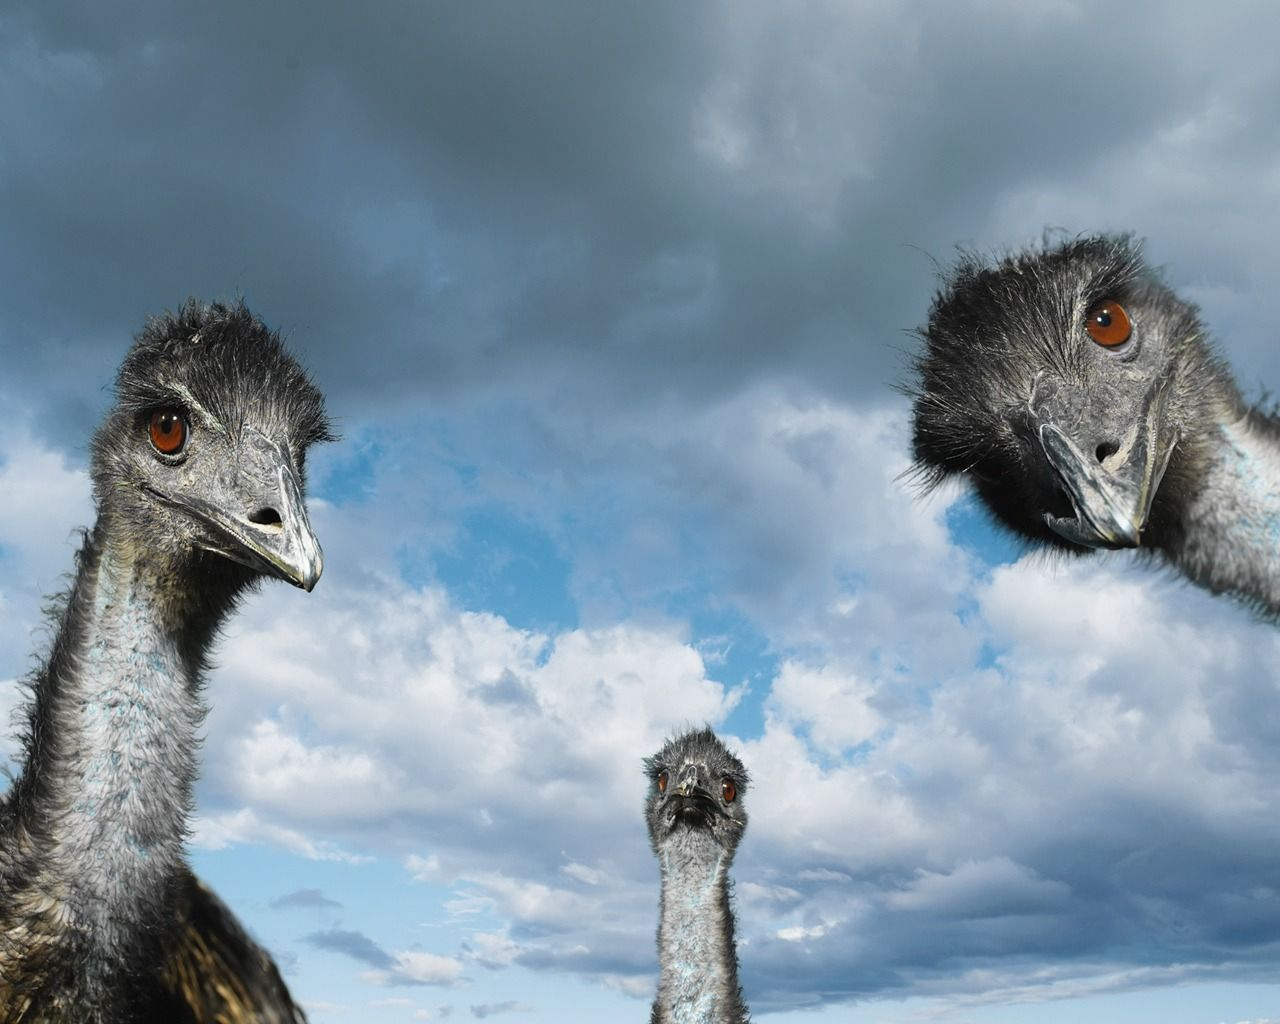 Ostrich Bird Nature Landscape HD POSTER